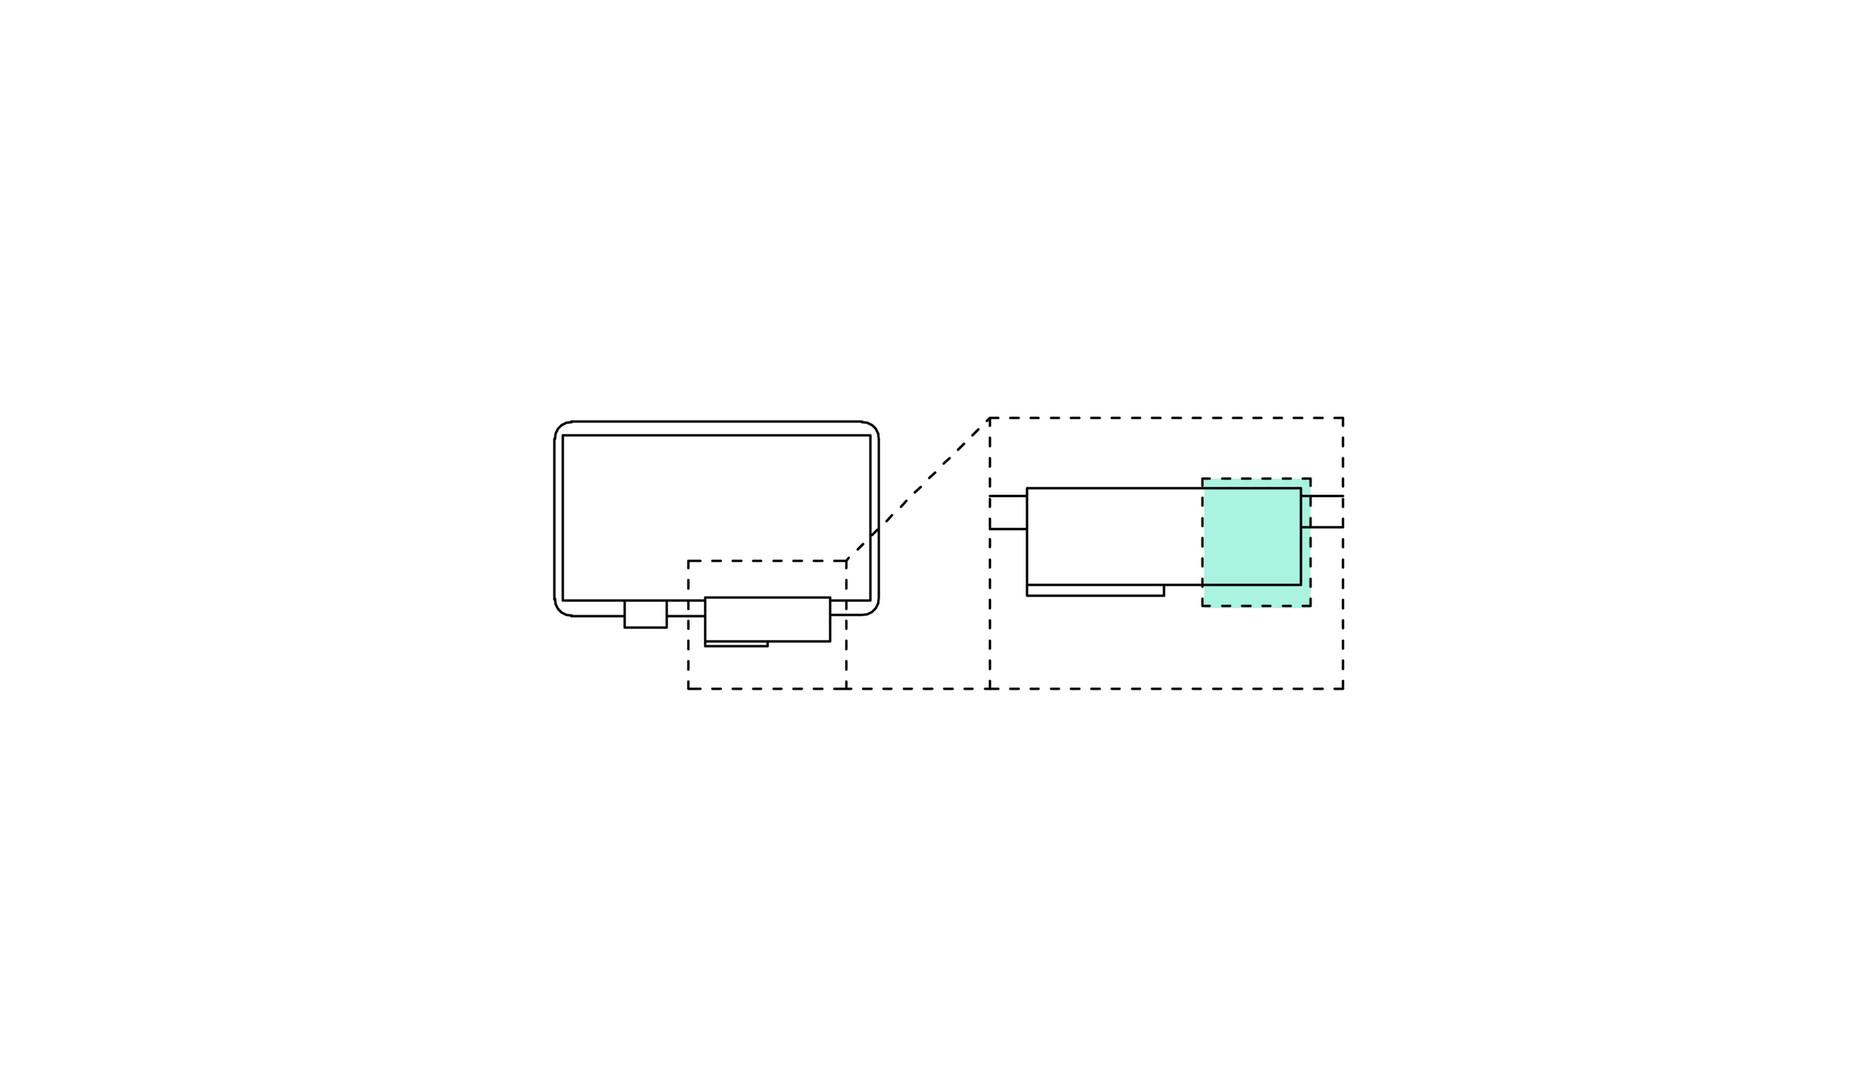 scheme 4th floor.jpg